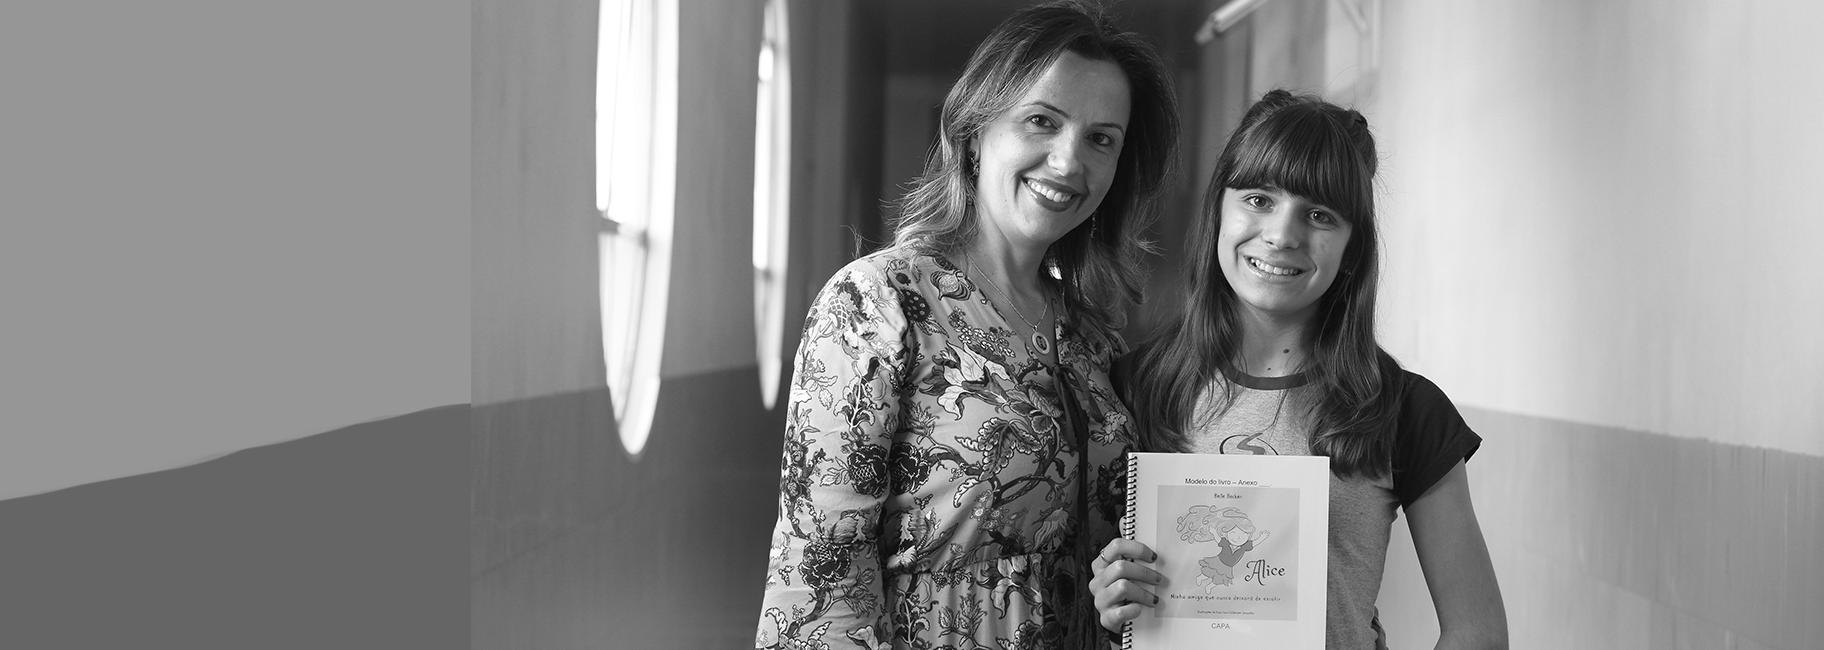 Aluna escreveu livro contemplado no Prêmio Nodgi Pellizzetti de Incentivo à Cultura 2018